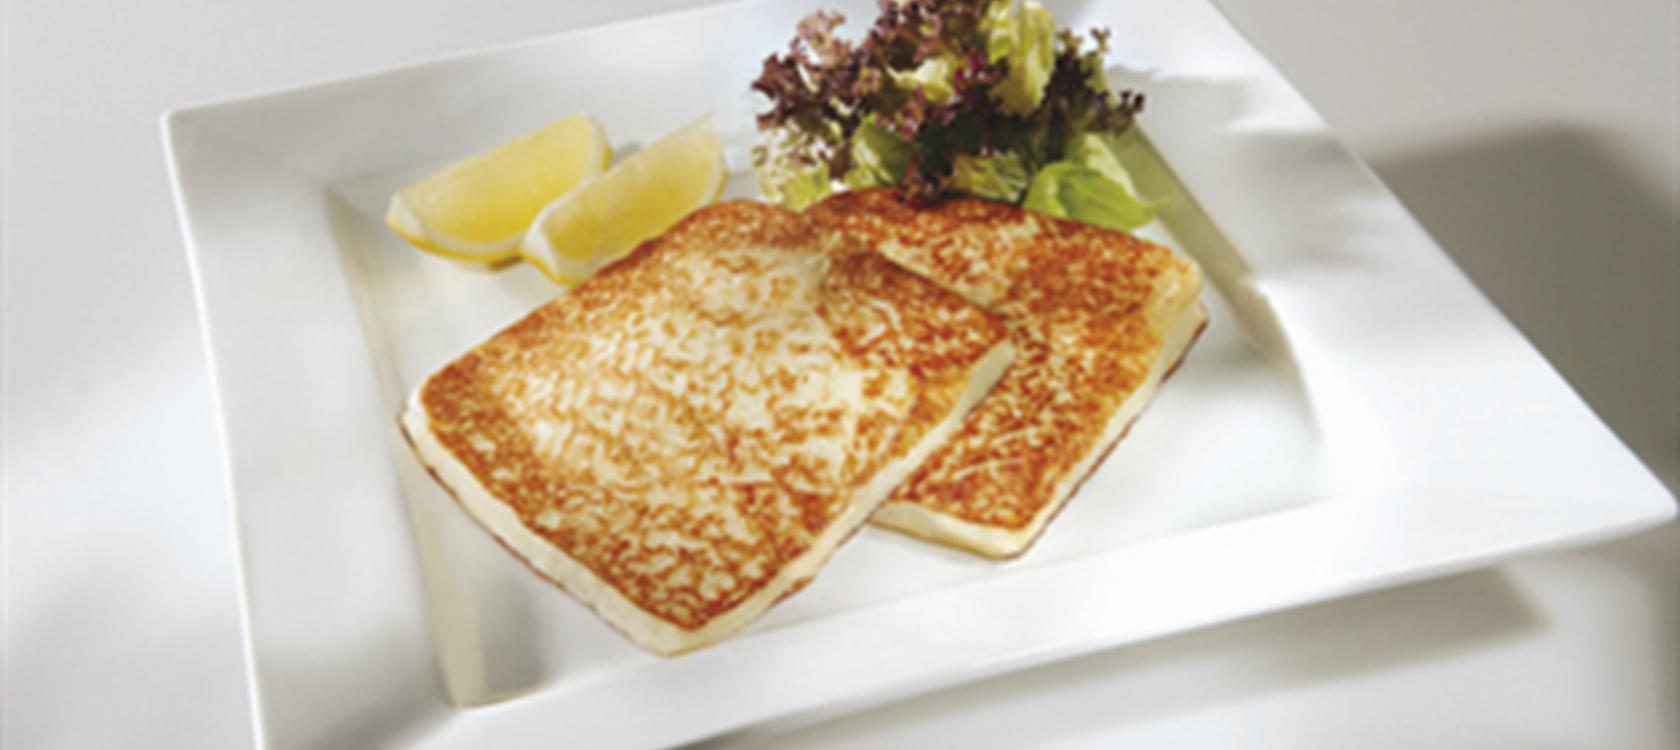 Αυθεντικό Δανέζικο σκληρό τυρί σαγανάκι